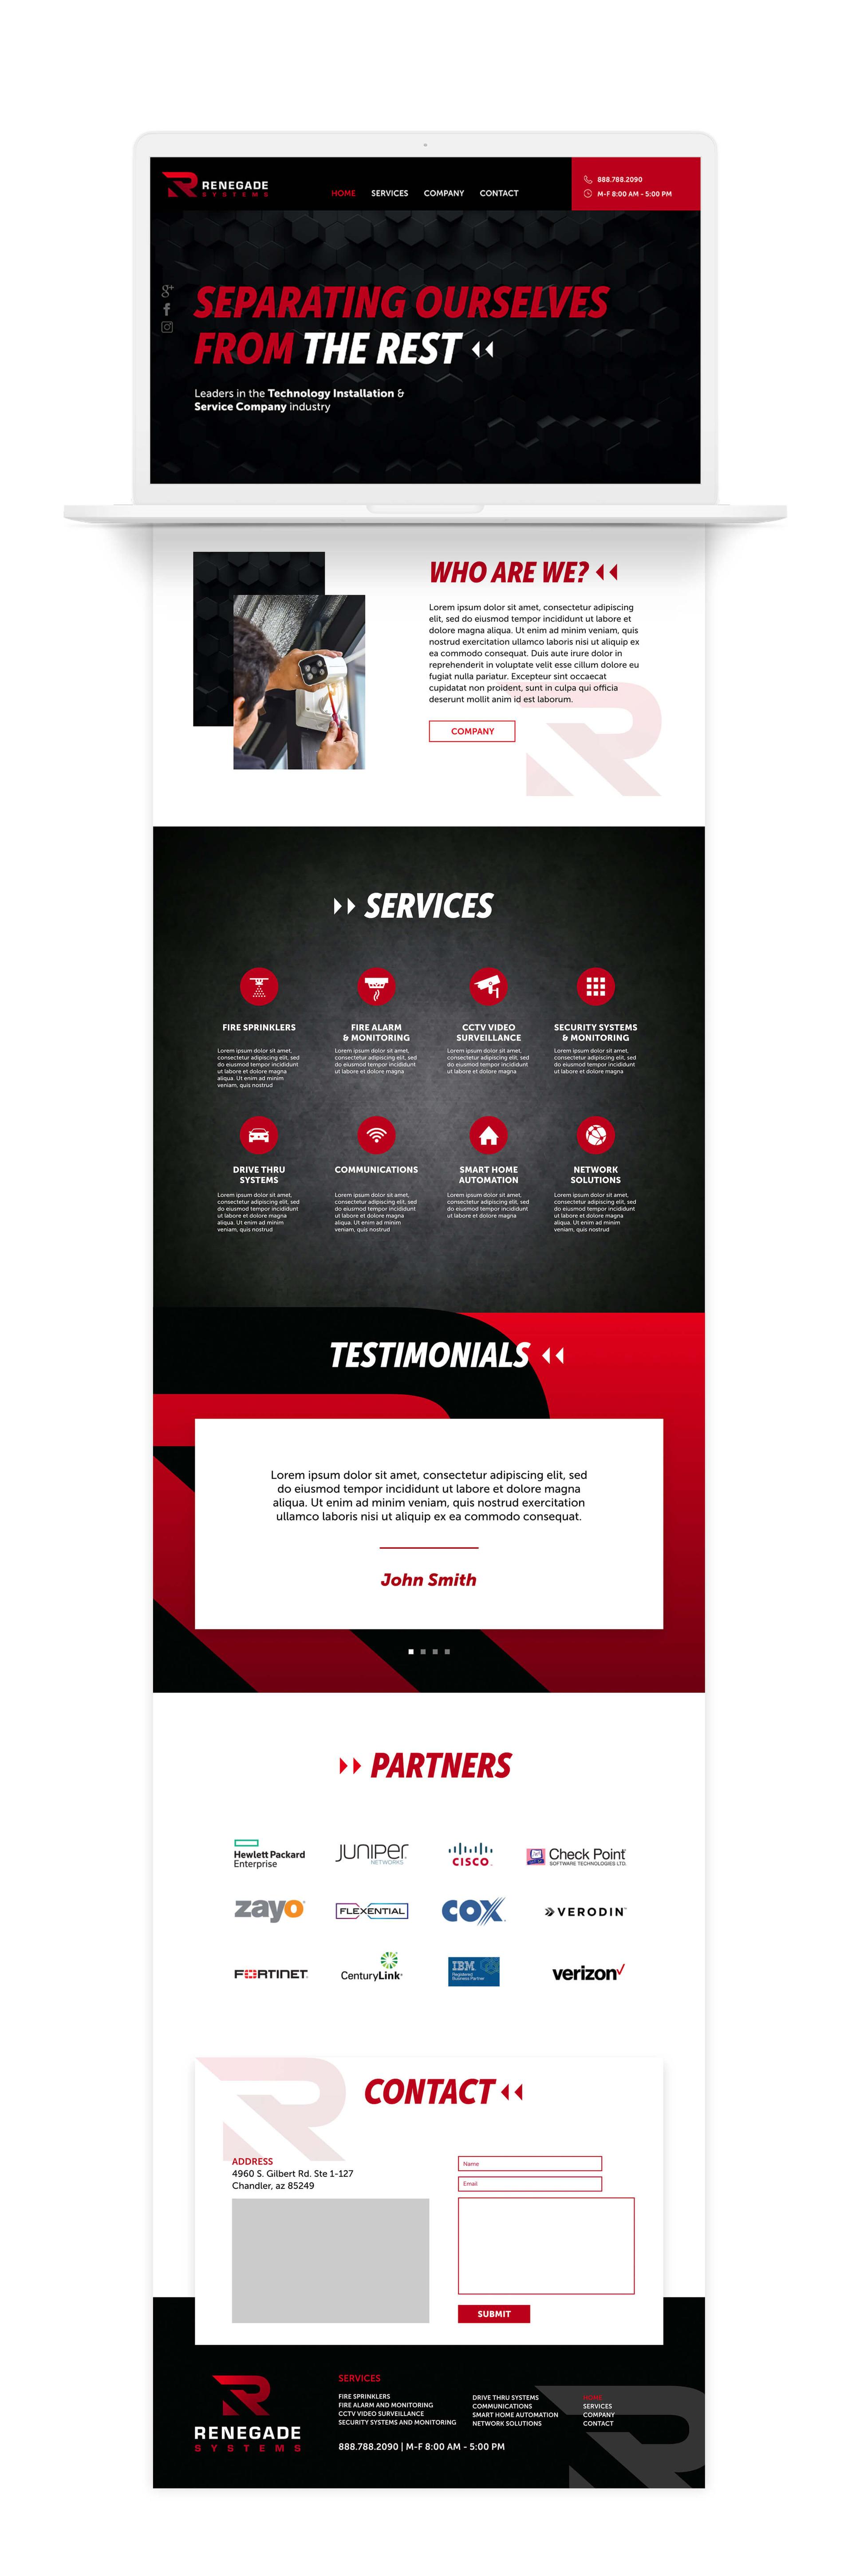 AreiaDesign-Portfolio-RenegadeSystems-9.